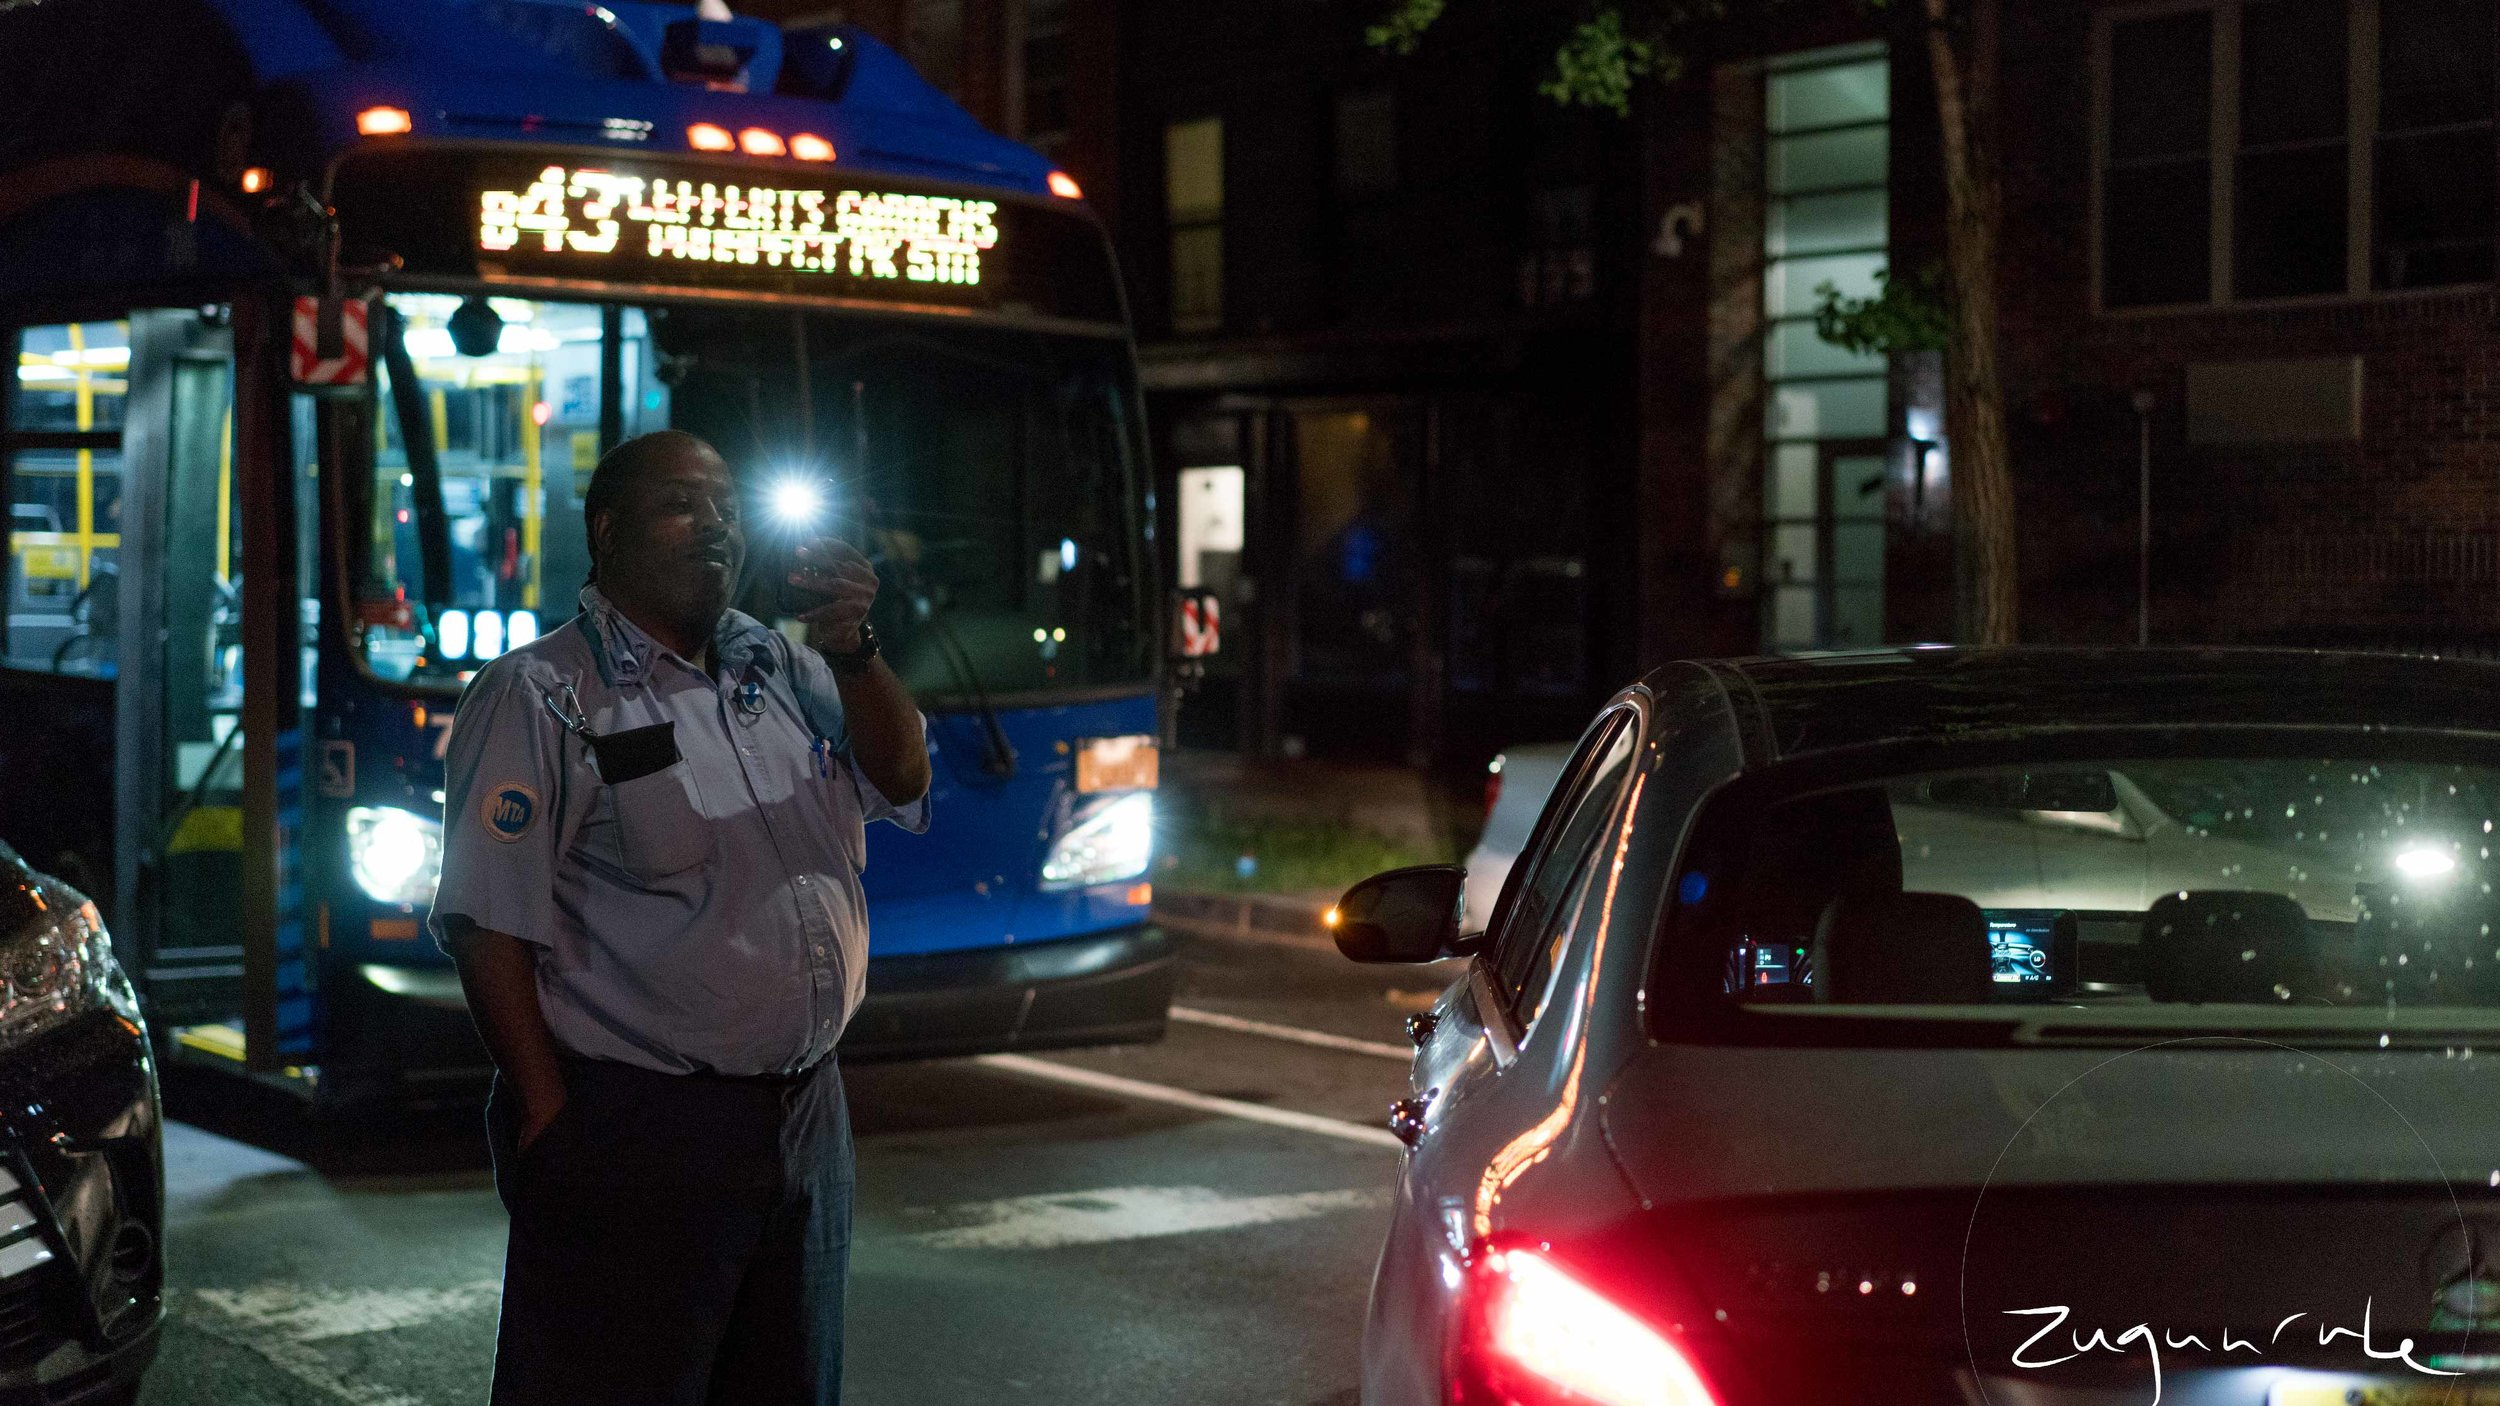 MTA employee stuck after a stolen car is left in a crosswalk, Bed-Stuy